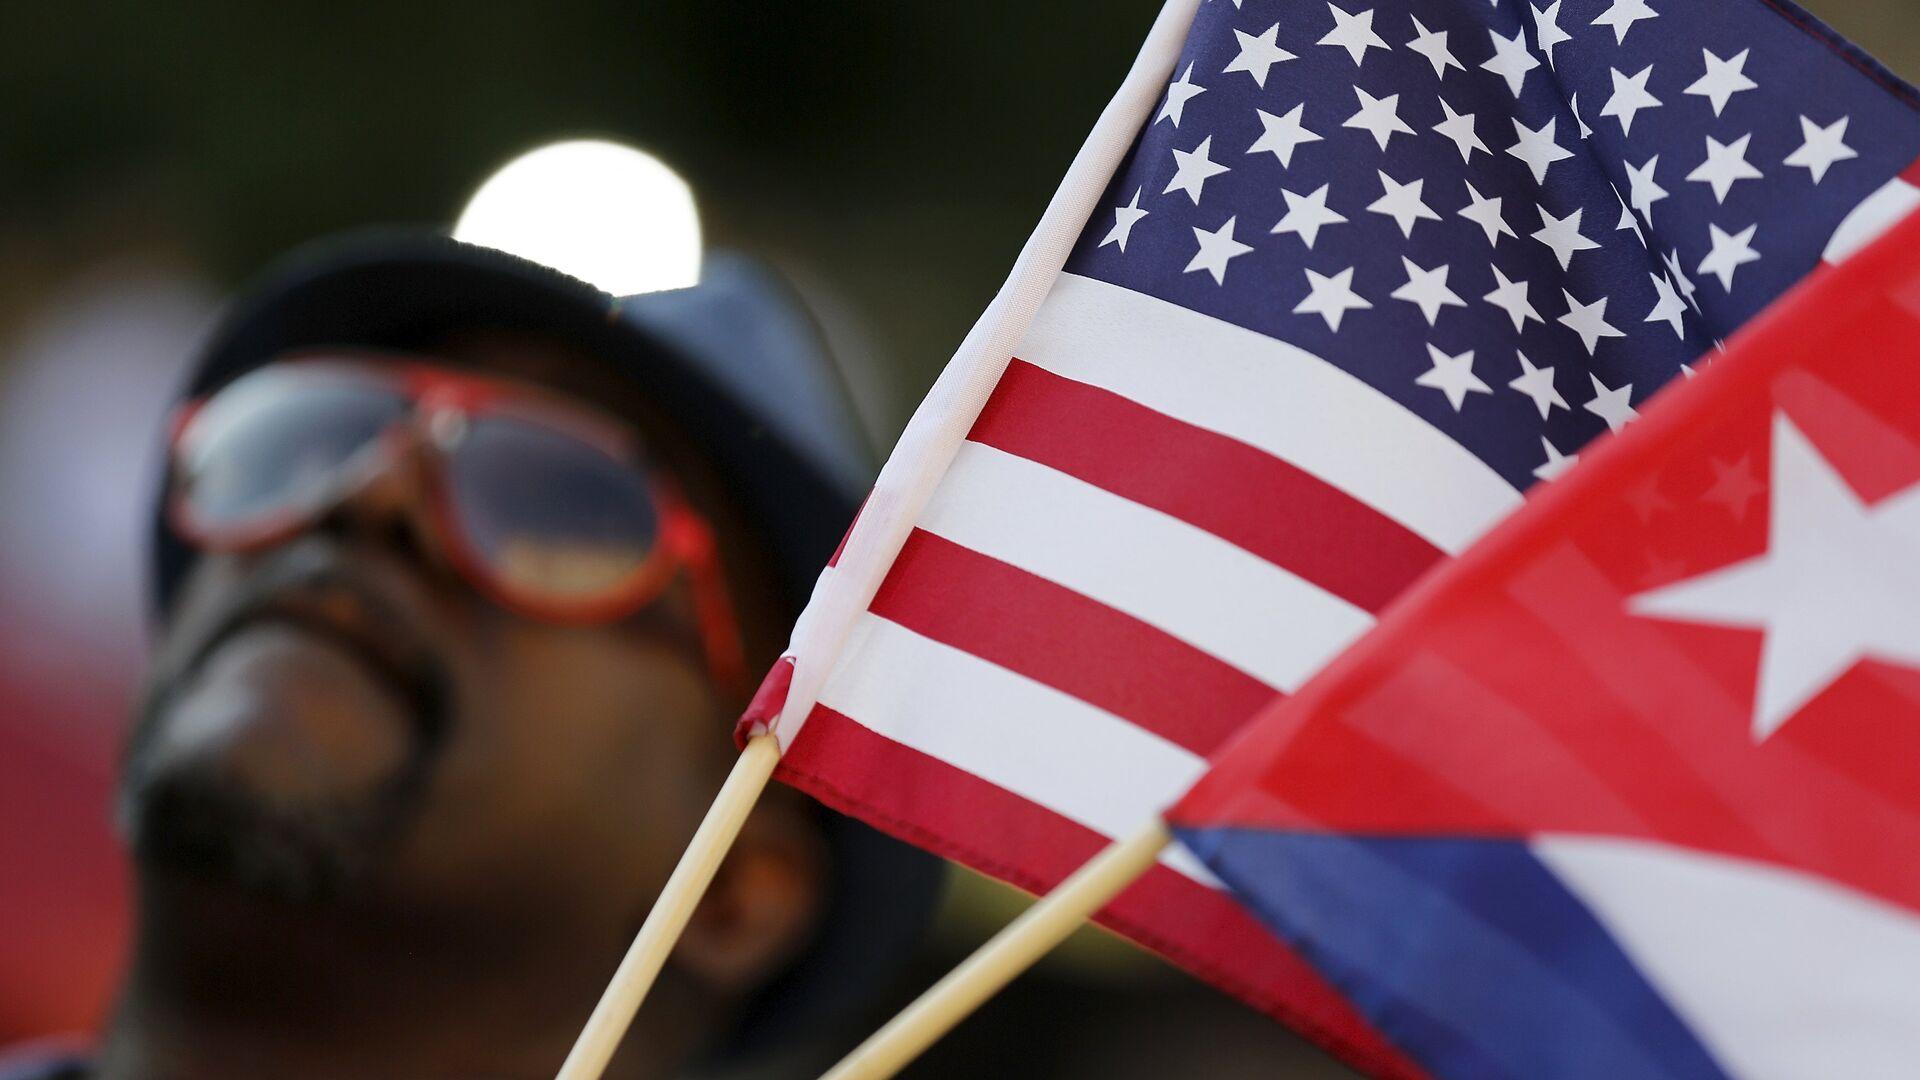 Banderas de EEUU y Cuba - Sputnik Mundo, 1920, 05.02.2021